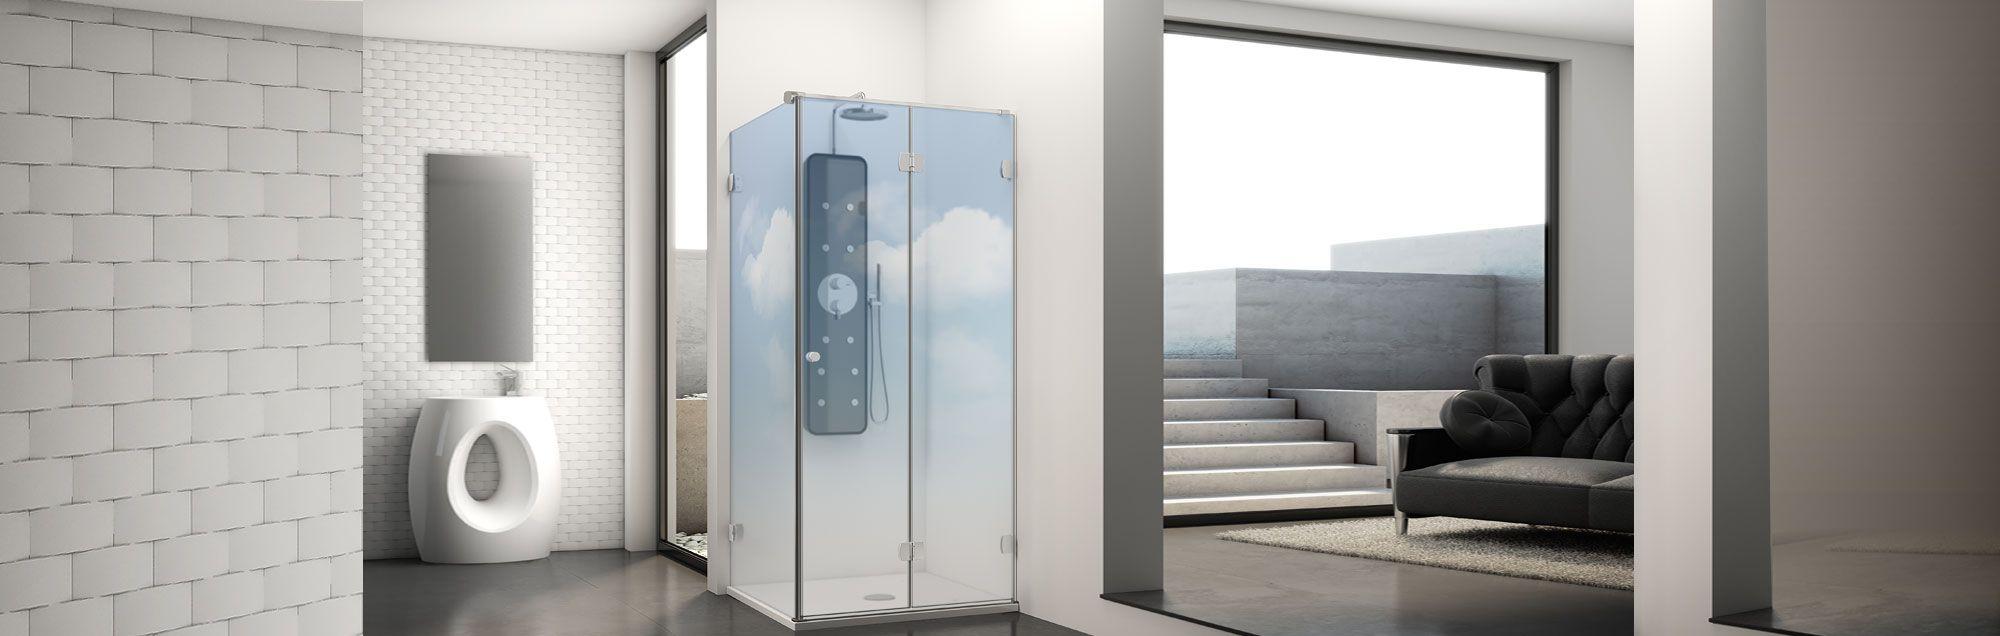 Serie NEWGLASS. Box doccia pieghevole per doccia su misura PROFILTEK